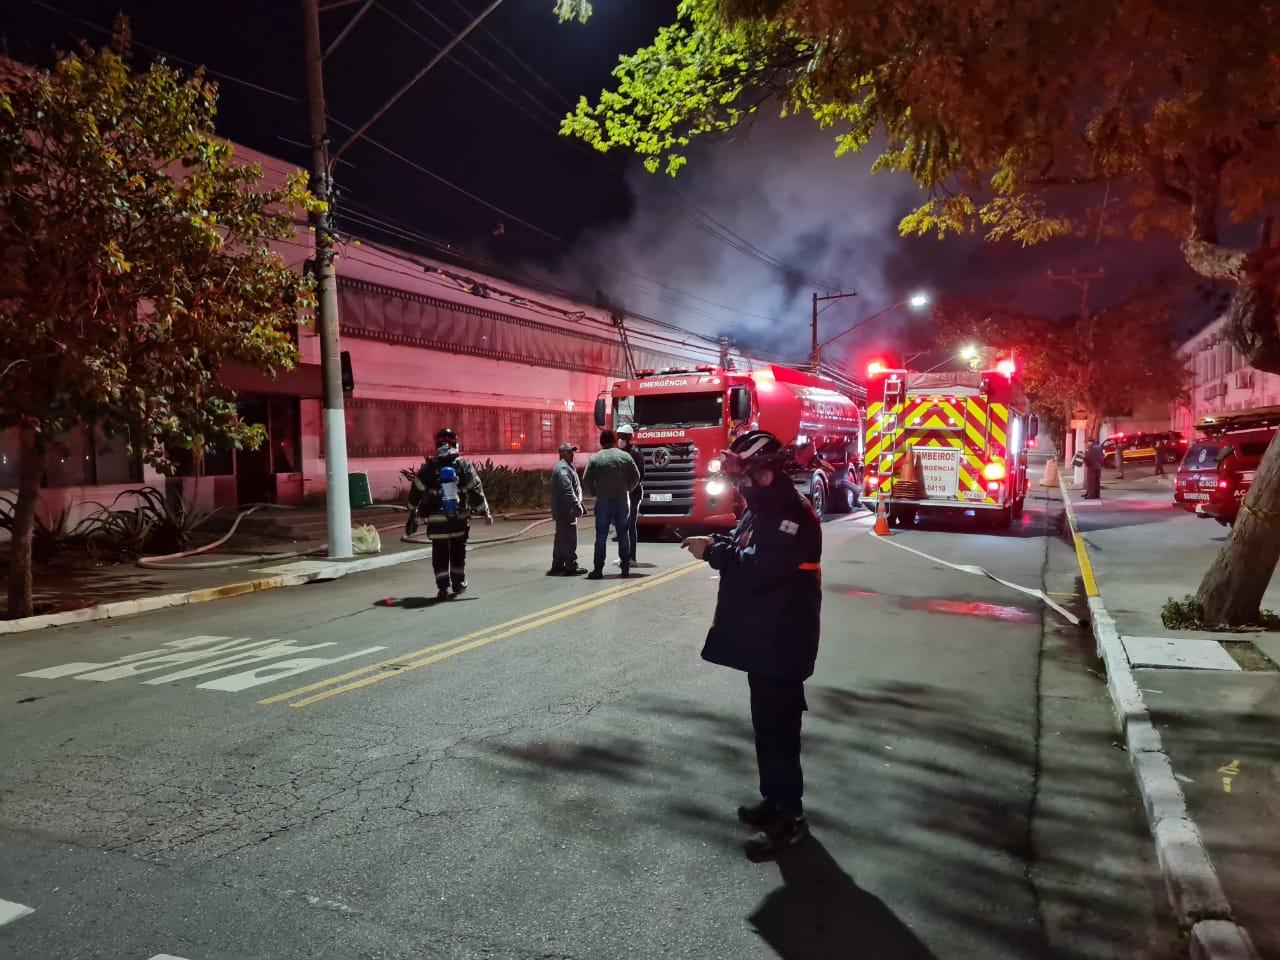 Imagem mostra rua com carros do corpo de bombeiros e edifício, de onde sai fumaça